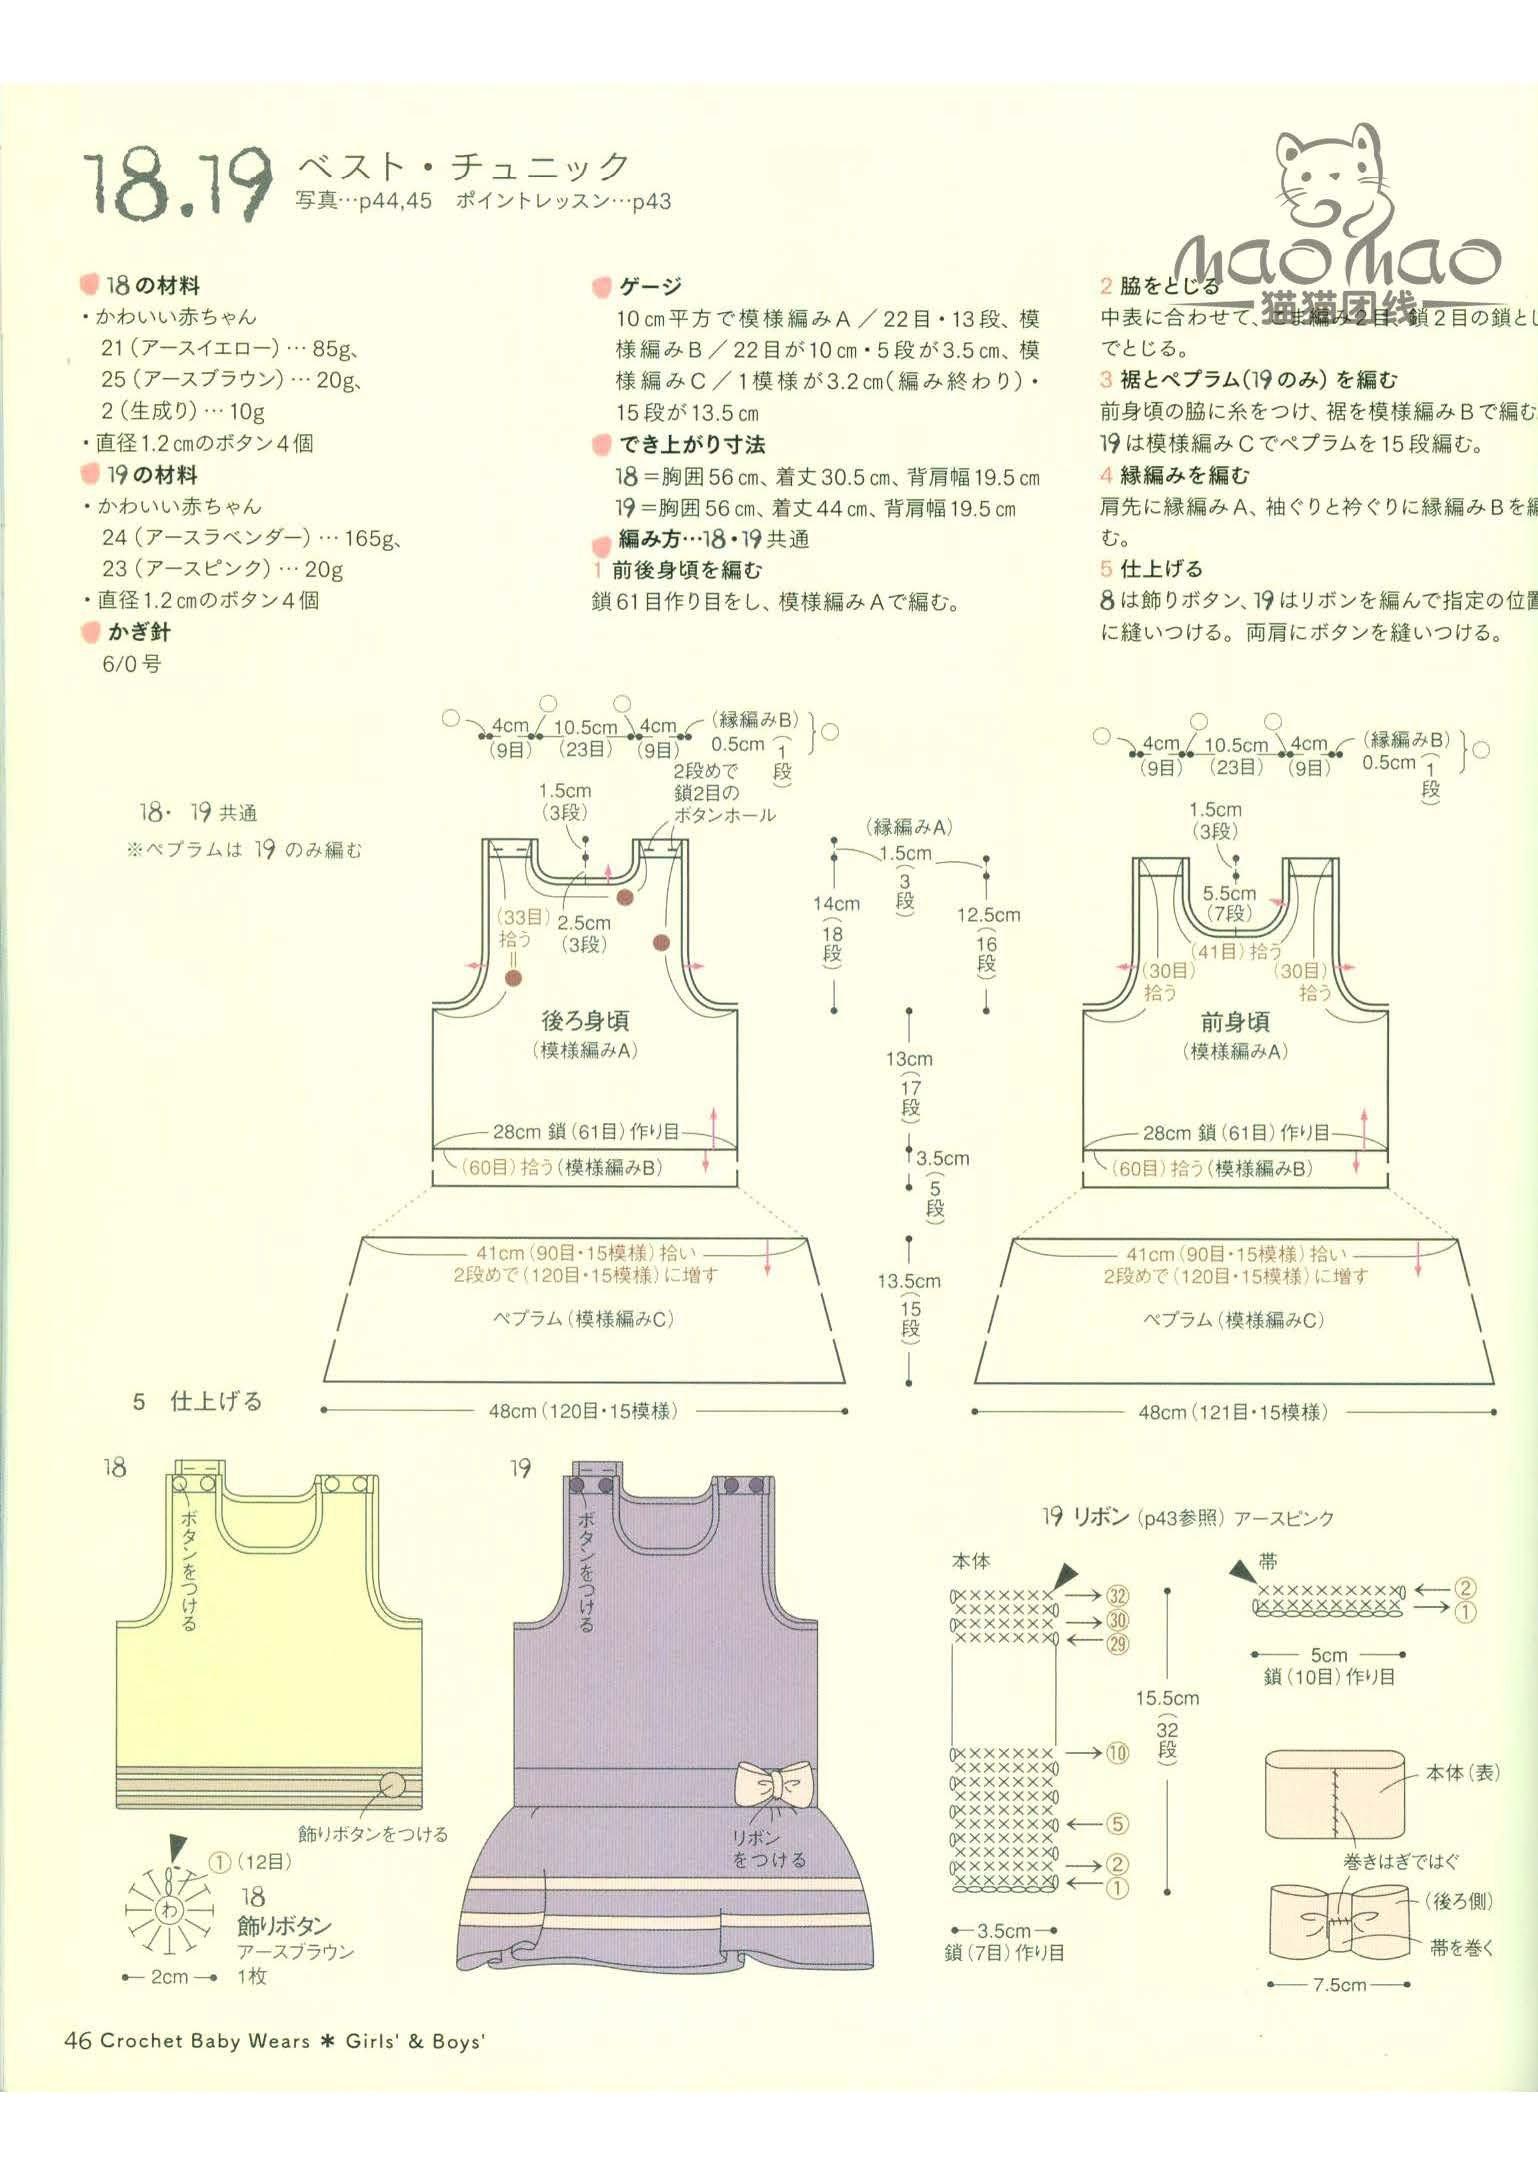 连衣群3.jpg